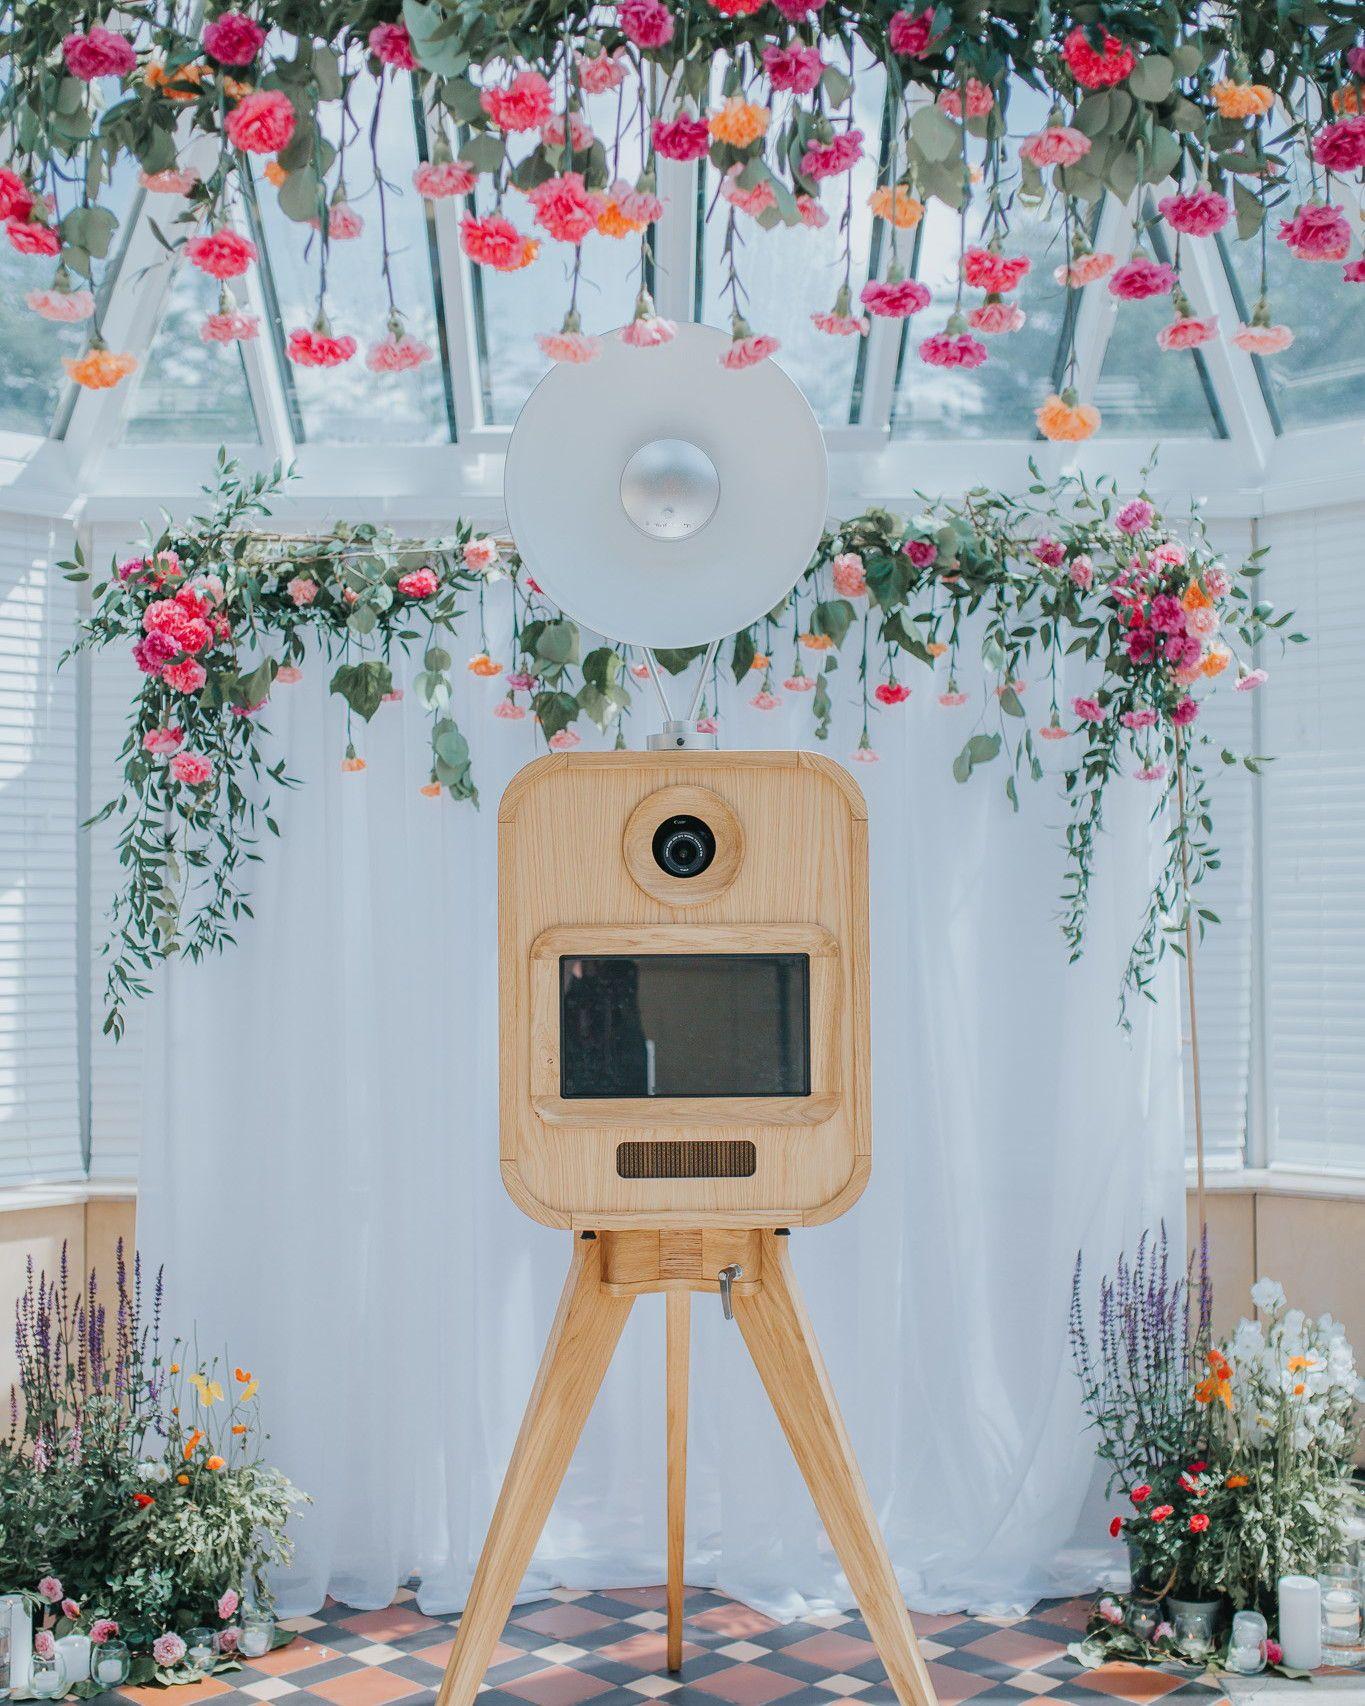 20 Inventive Ways to Revamp Your Wedding Photo Booth #PhotoBooth #WeddingPhotos #Wedding #WeddingIdeas #WeddingReception | Martha Stewart Weddings